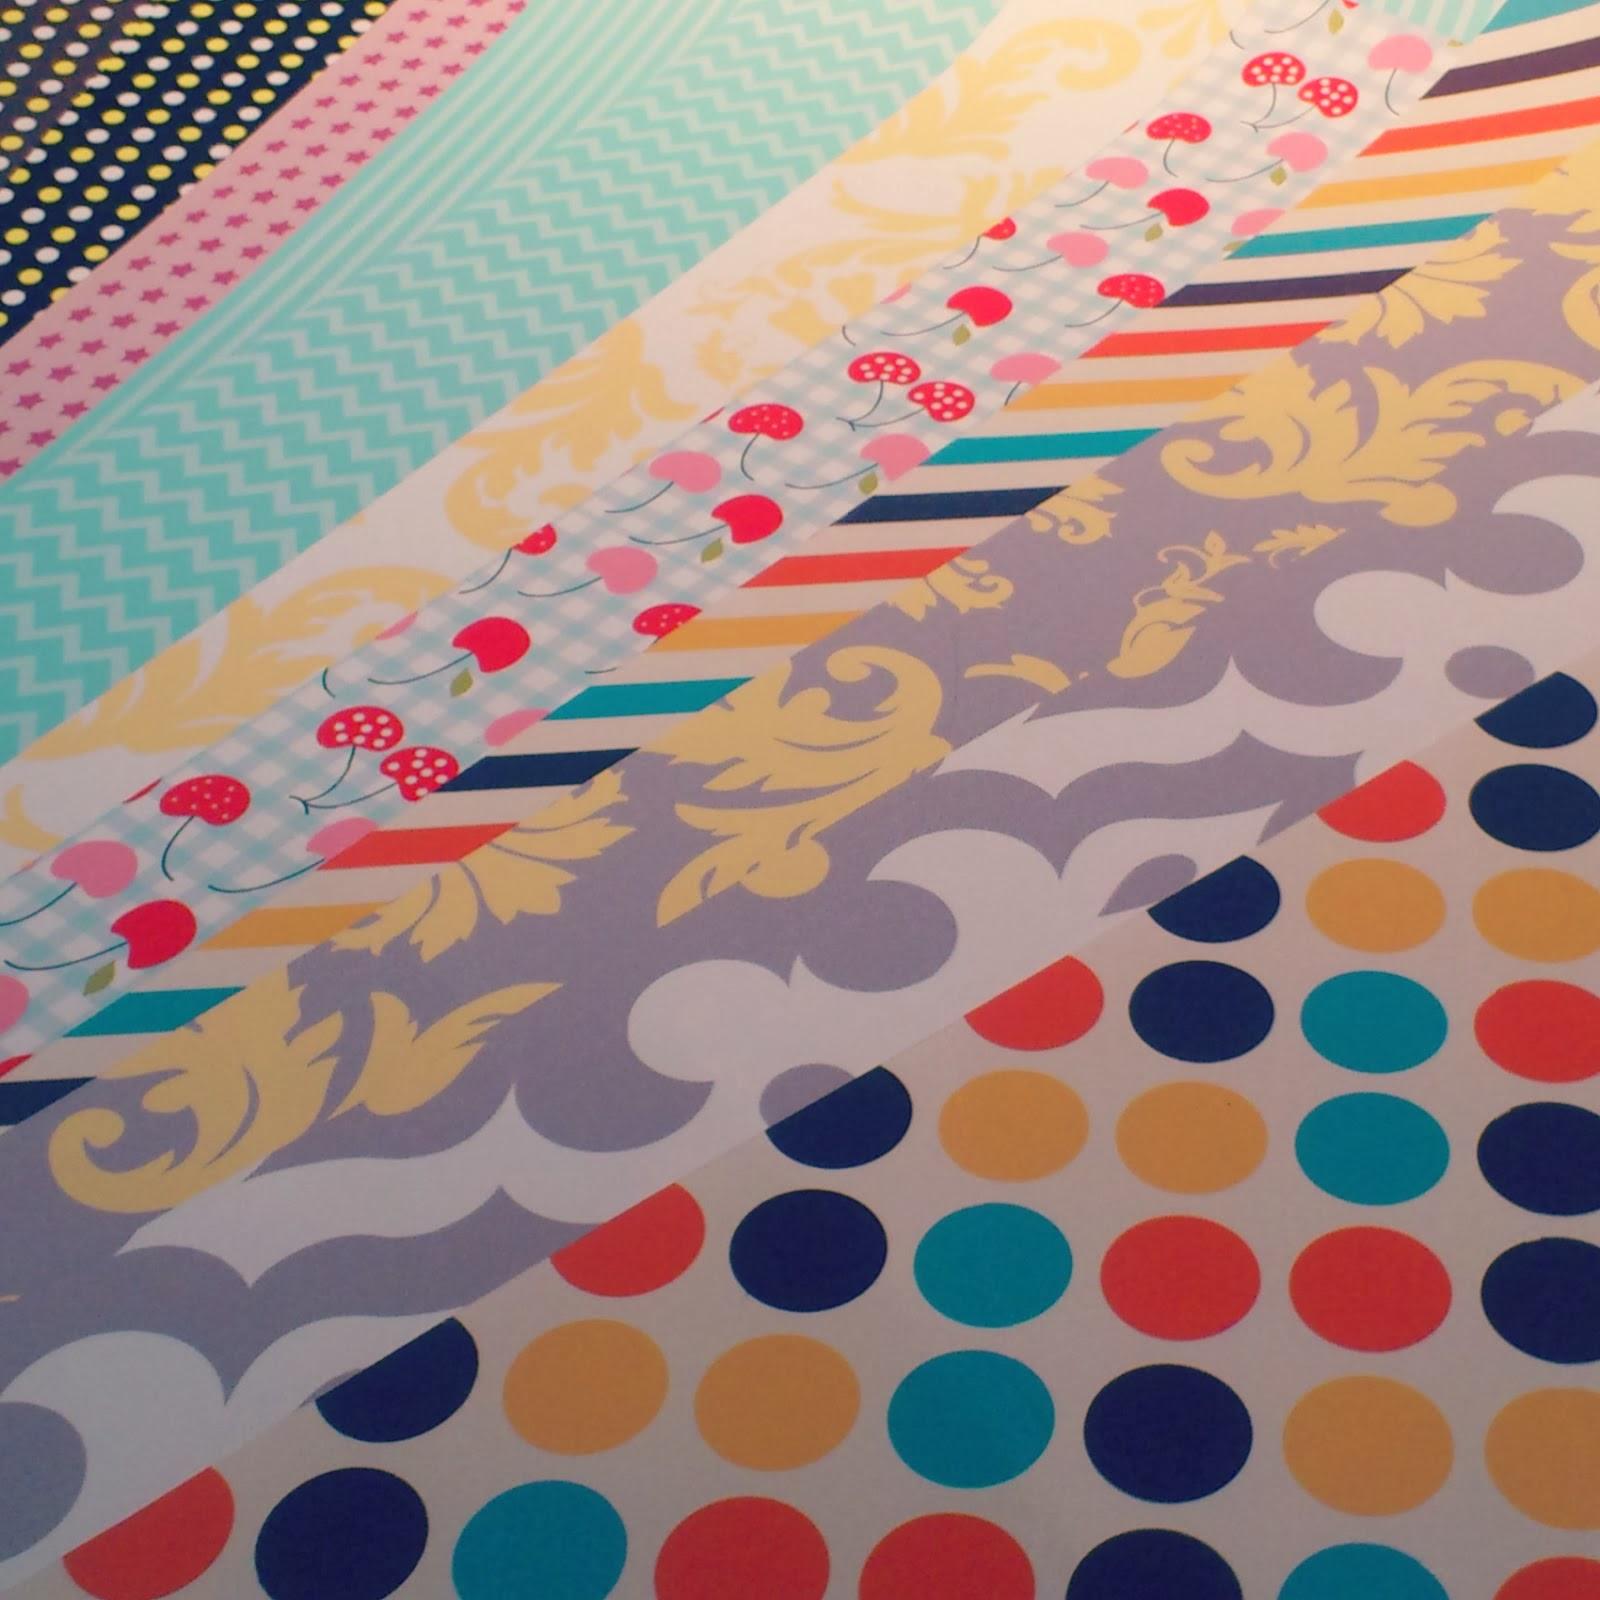 papier avec motifs, étiquettes avec motifs, papier imprimée